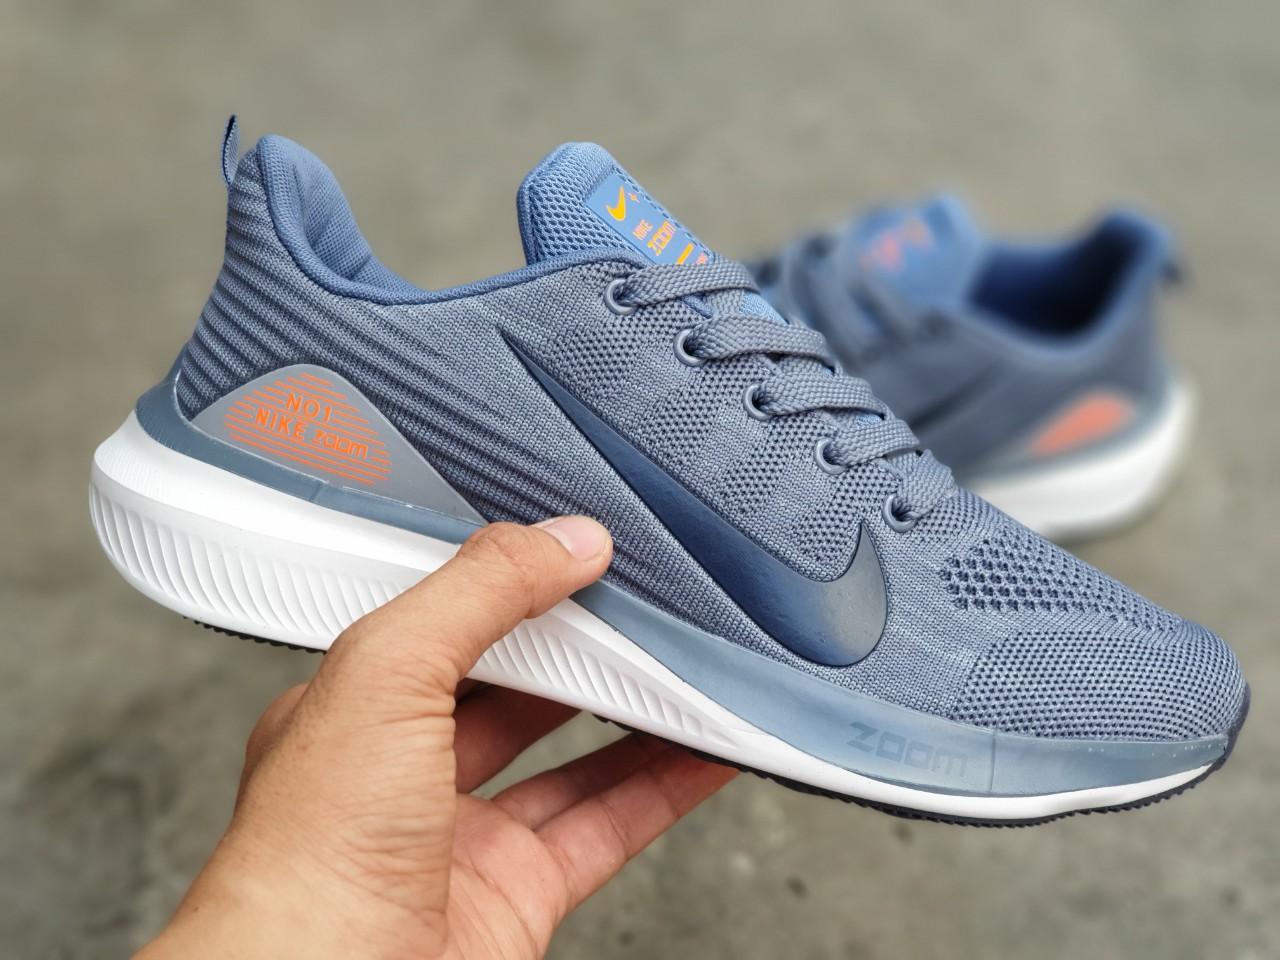 Giày Nike Zoom nam F14 màu xanh